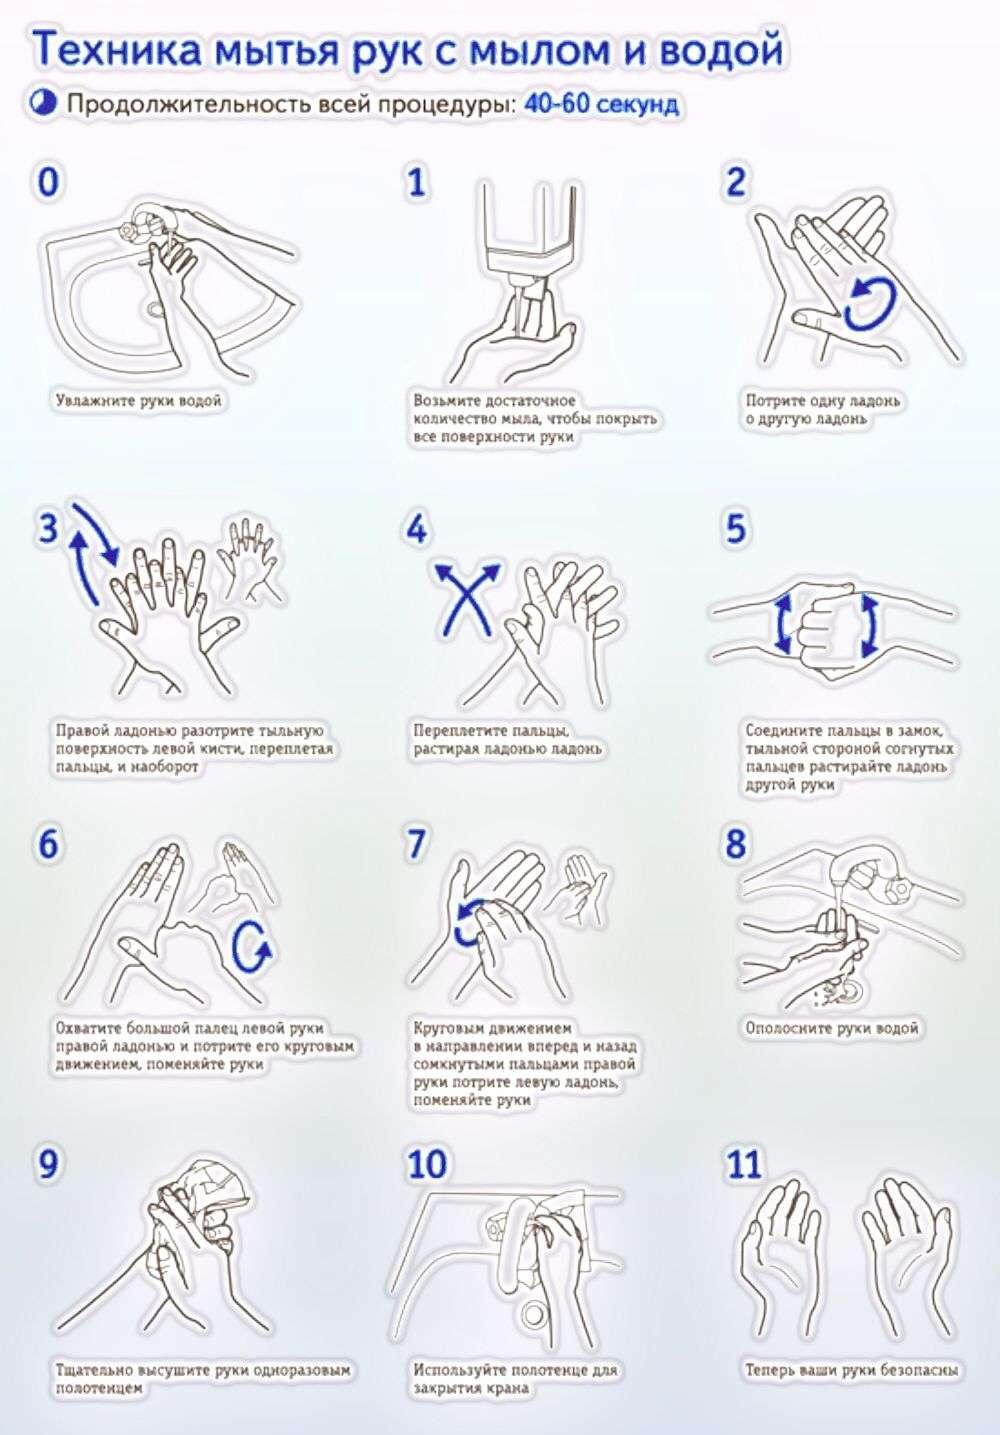 Картинка гигиенической обработки руками